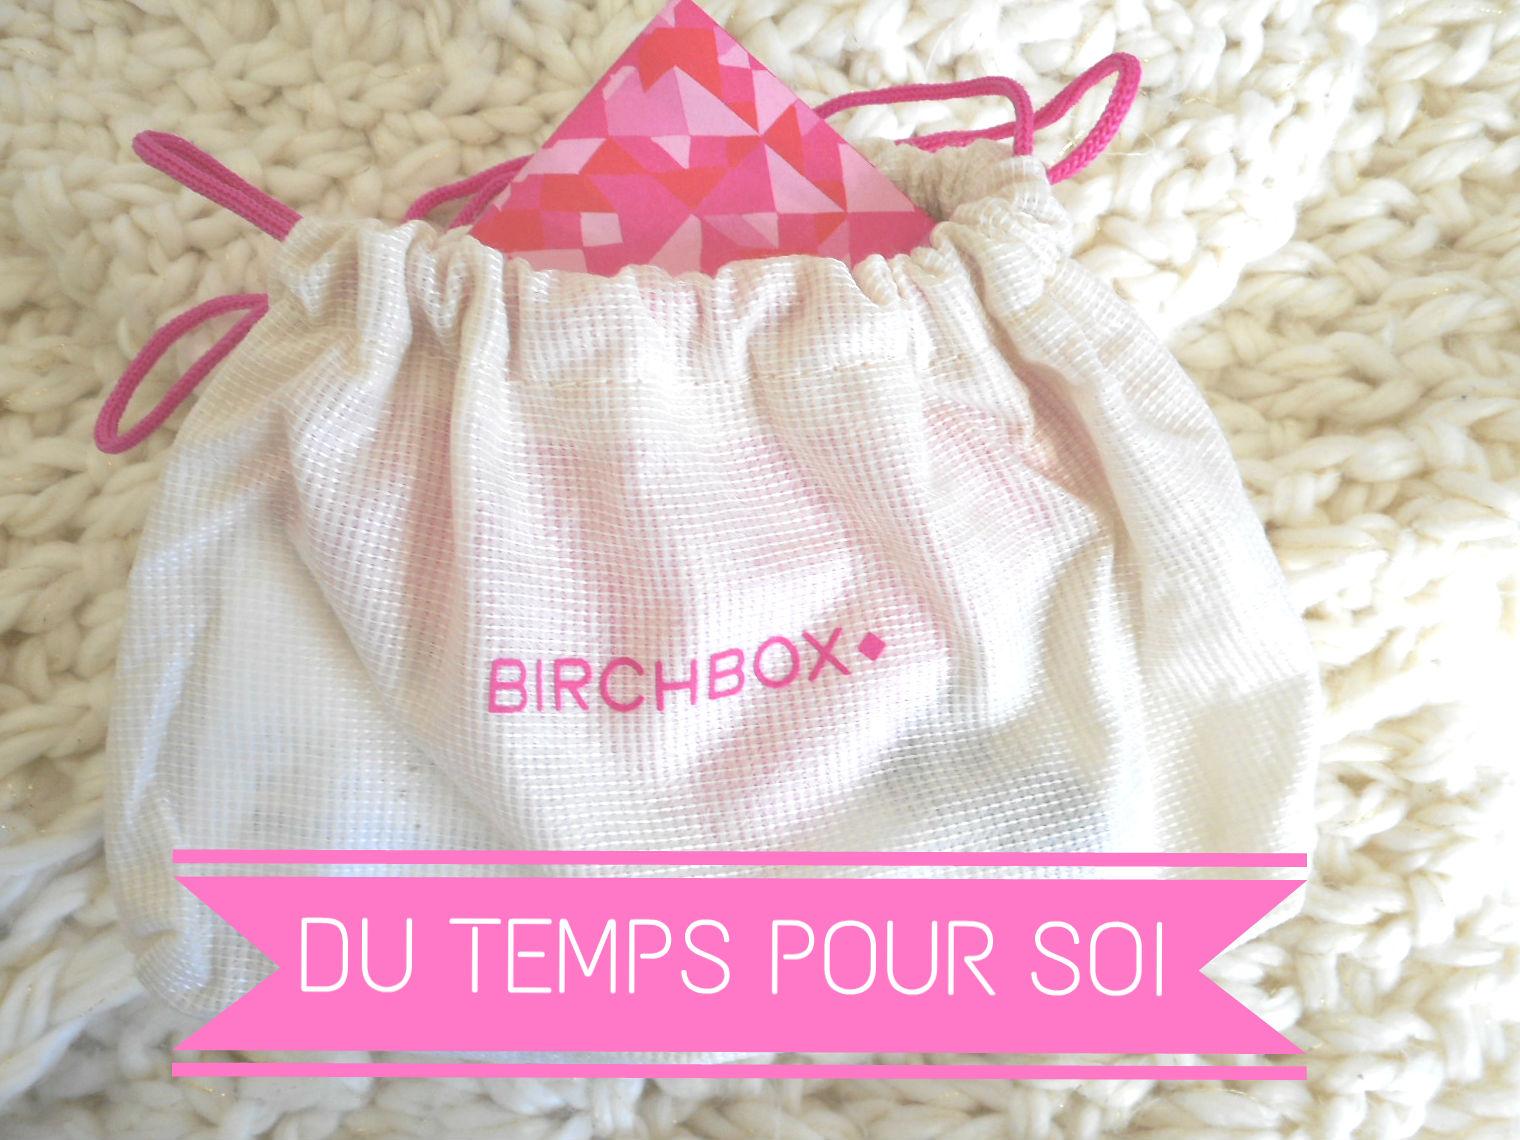 birchbox-du-temps-pour-soi-novembre-2014-avis-test-contenu-spoil